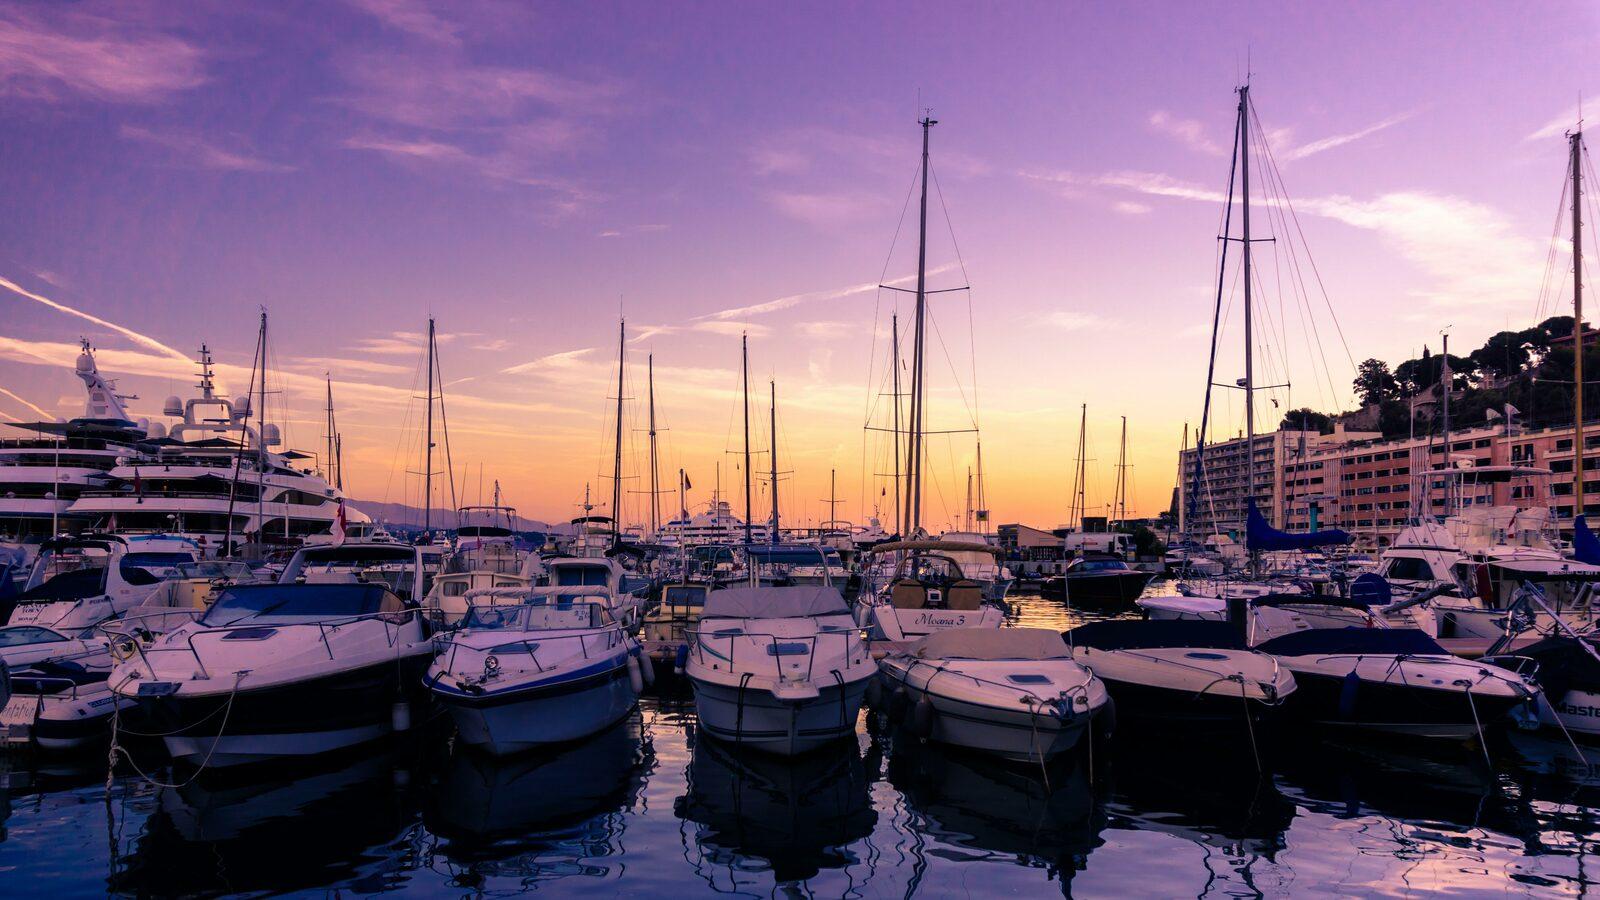 Le port de Monaco sur la Côte d'Azur